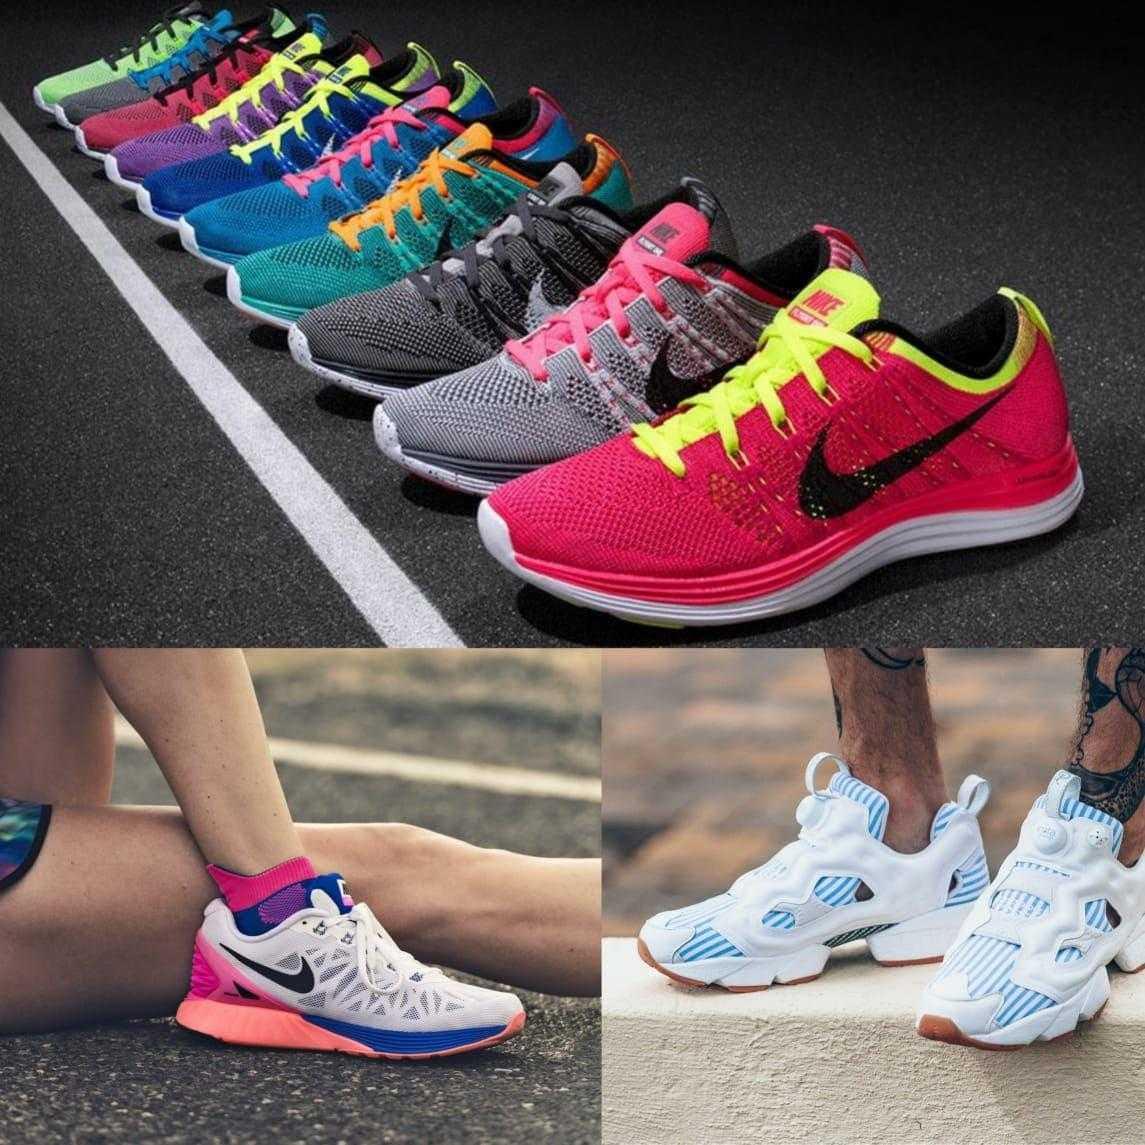 Требования к фитнес-кроссовкам, лучшие производители спортивной обуви